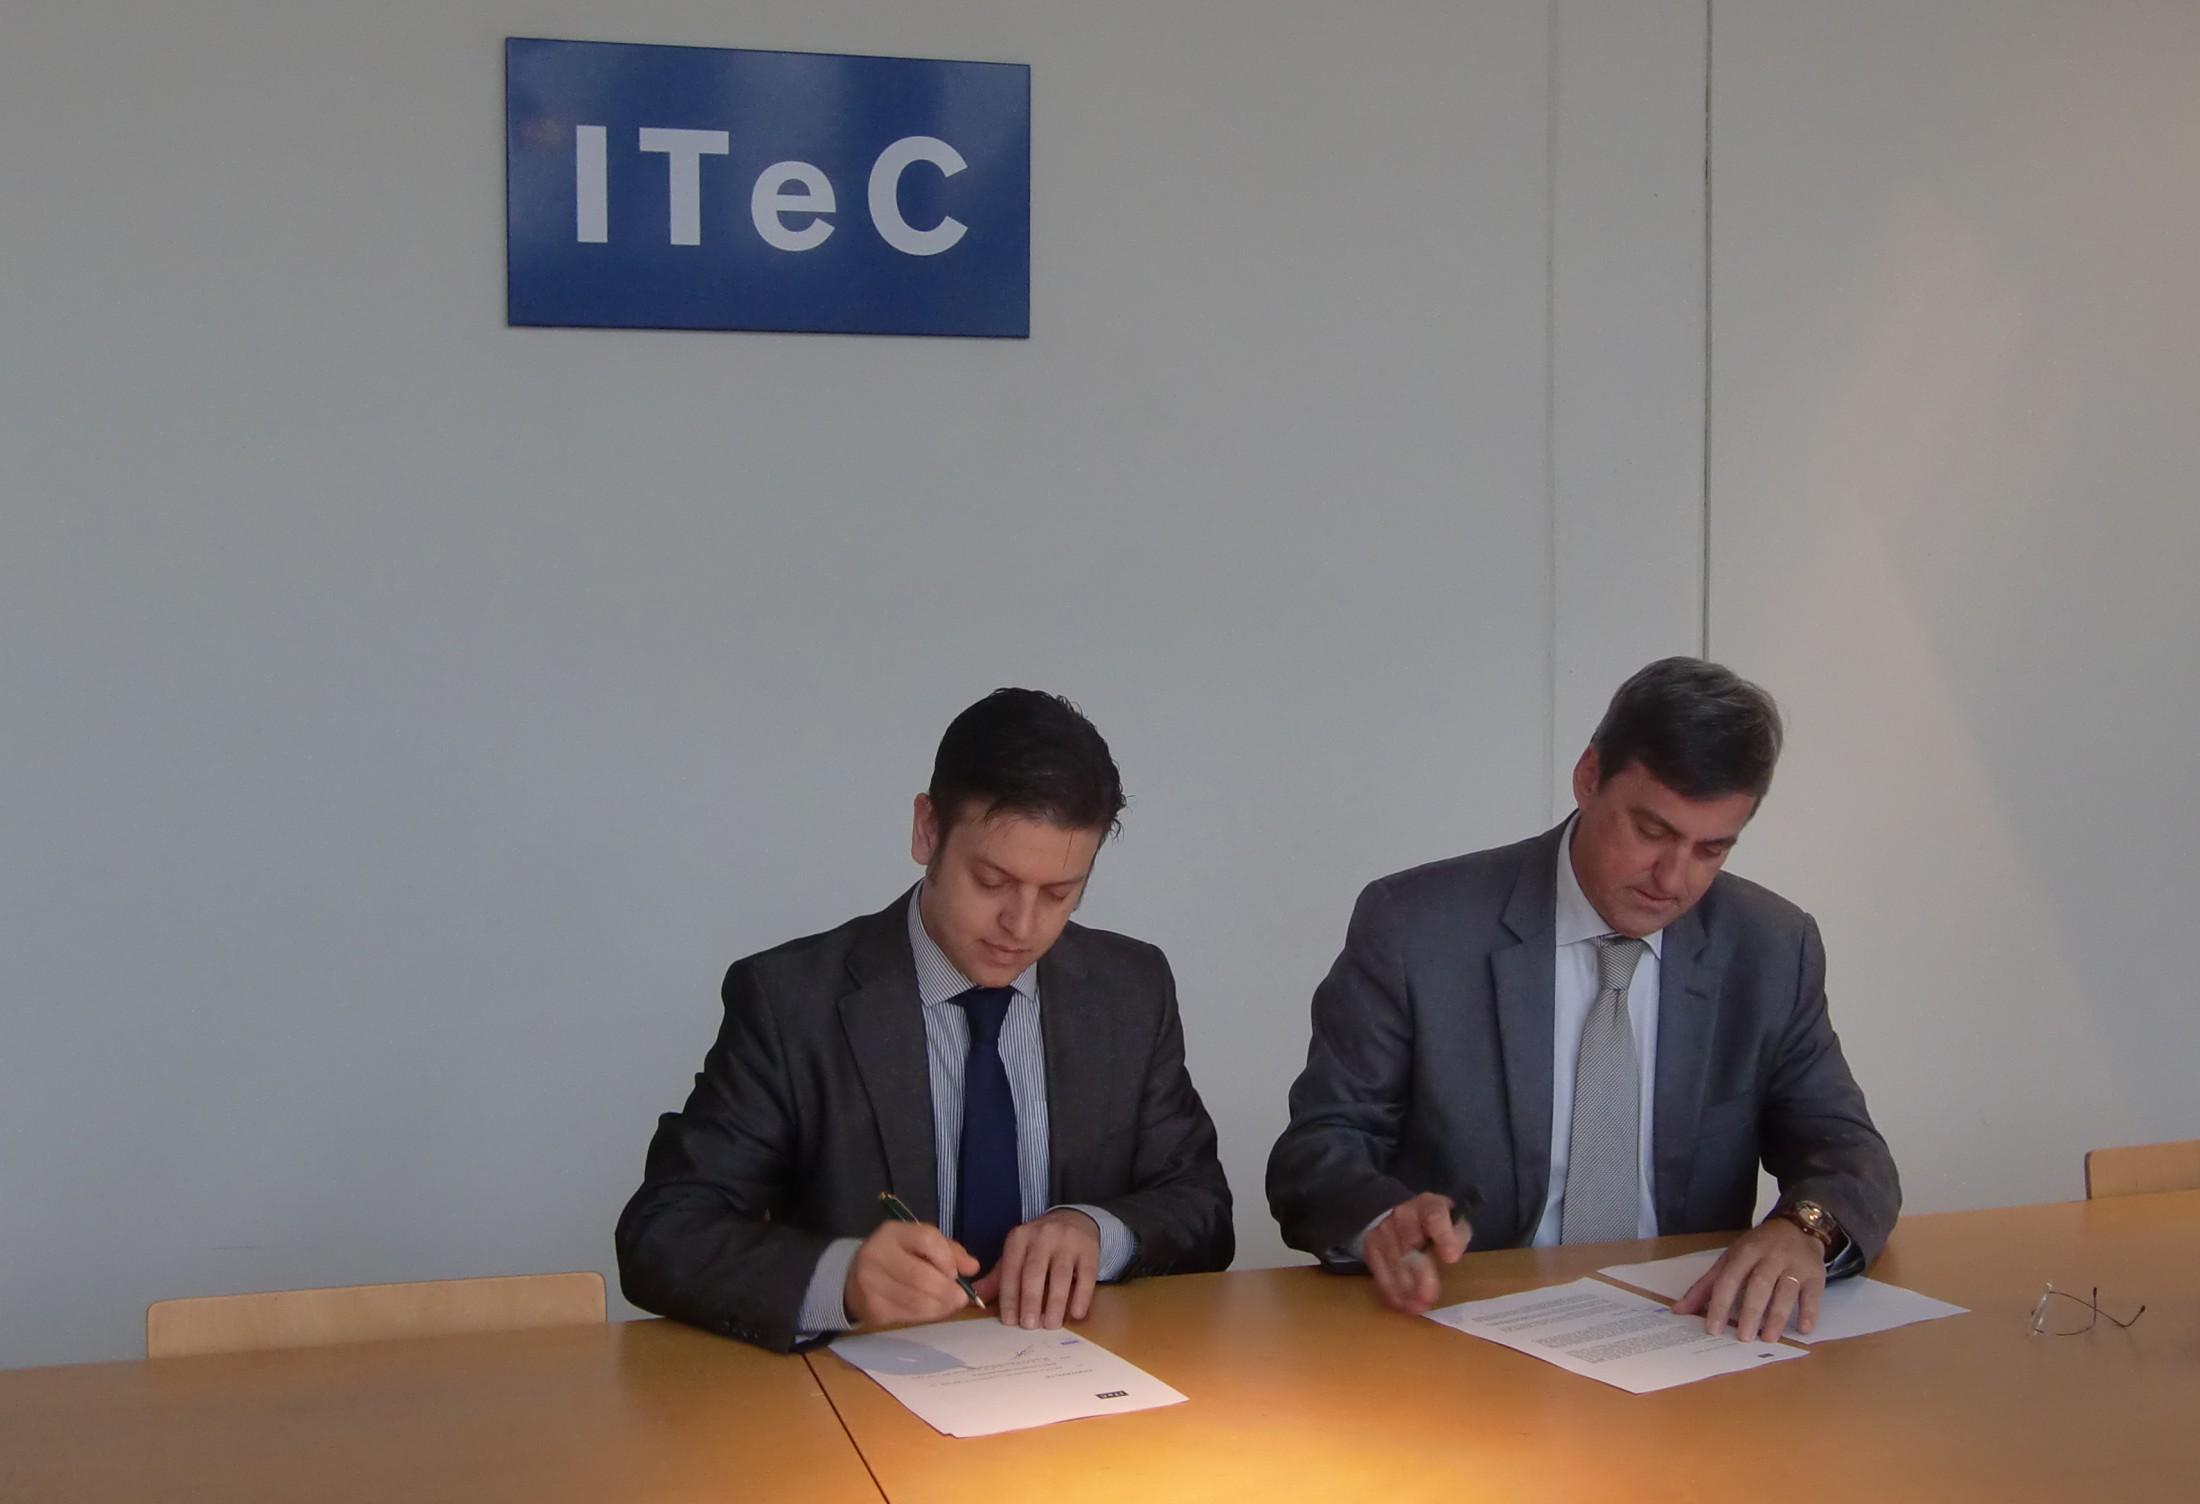 Pabo Callegaris (CEO de Bimetica) y Francisco Diéguez (Director General del ITeC) firman el acuerdo